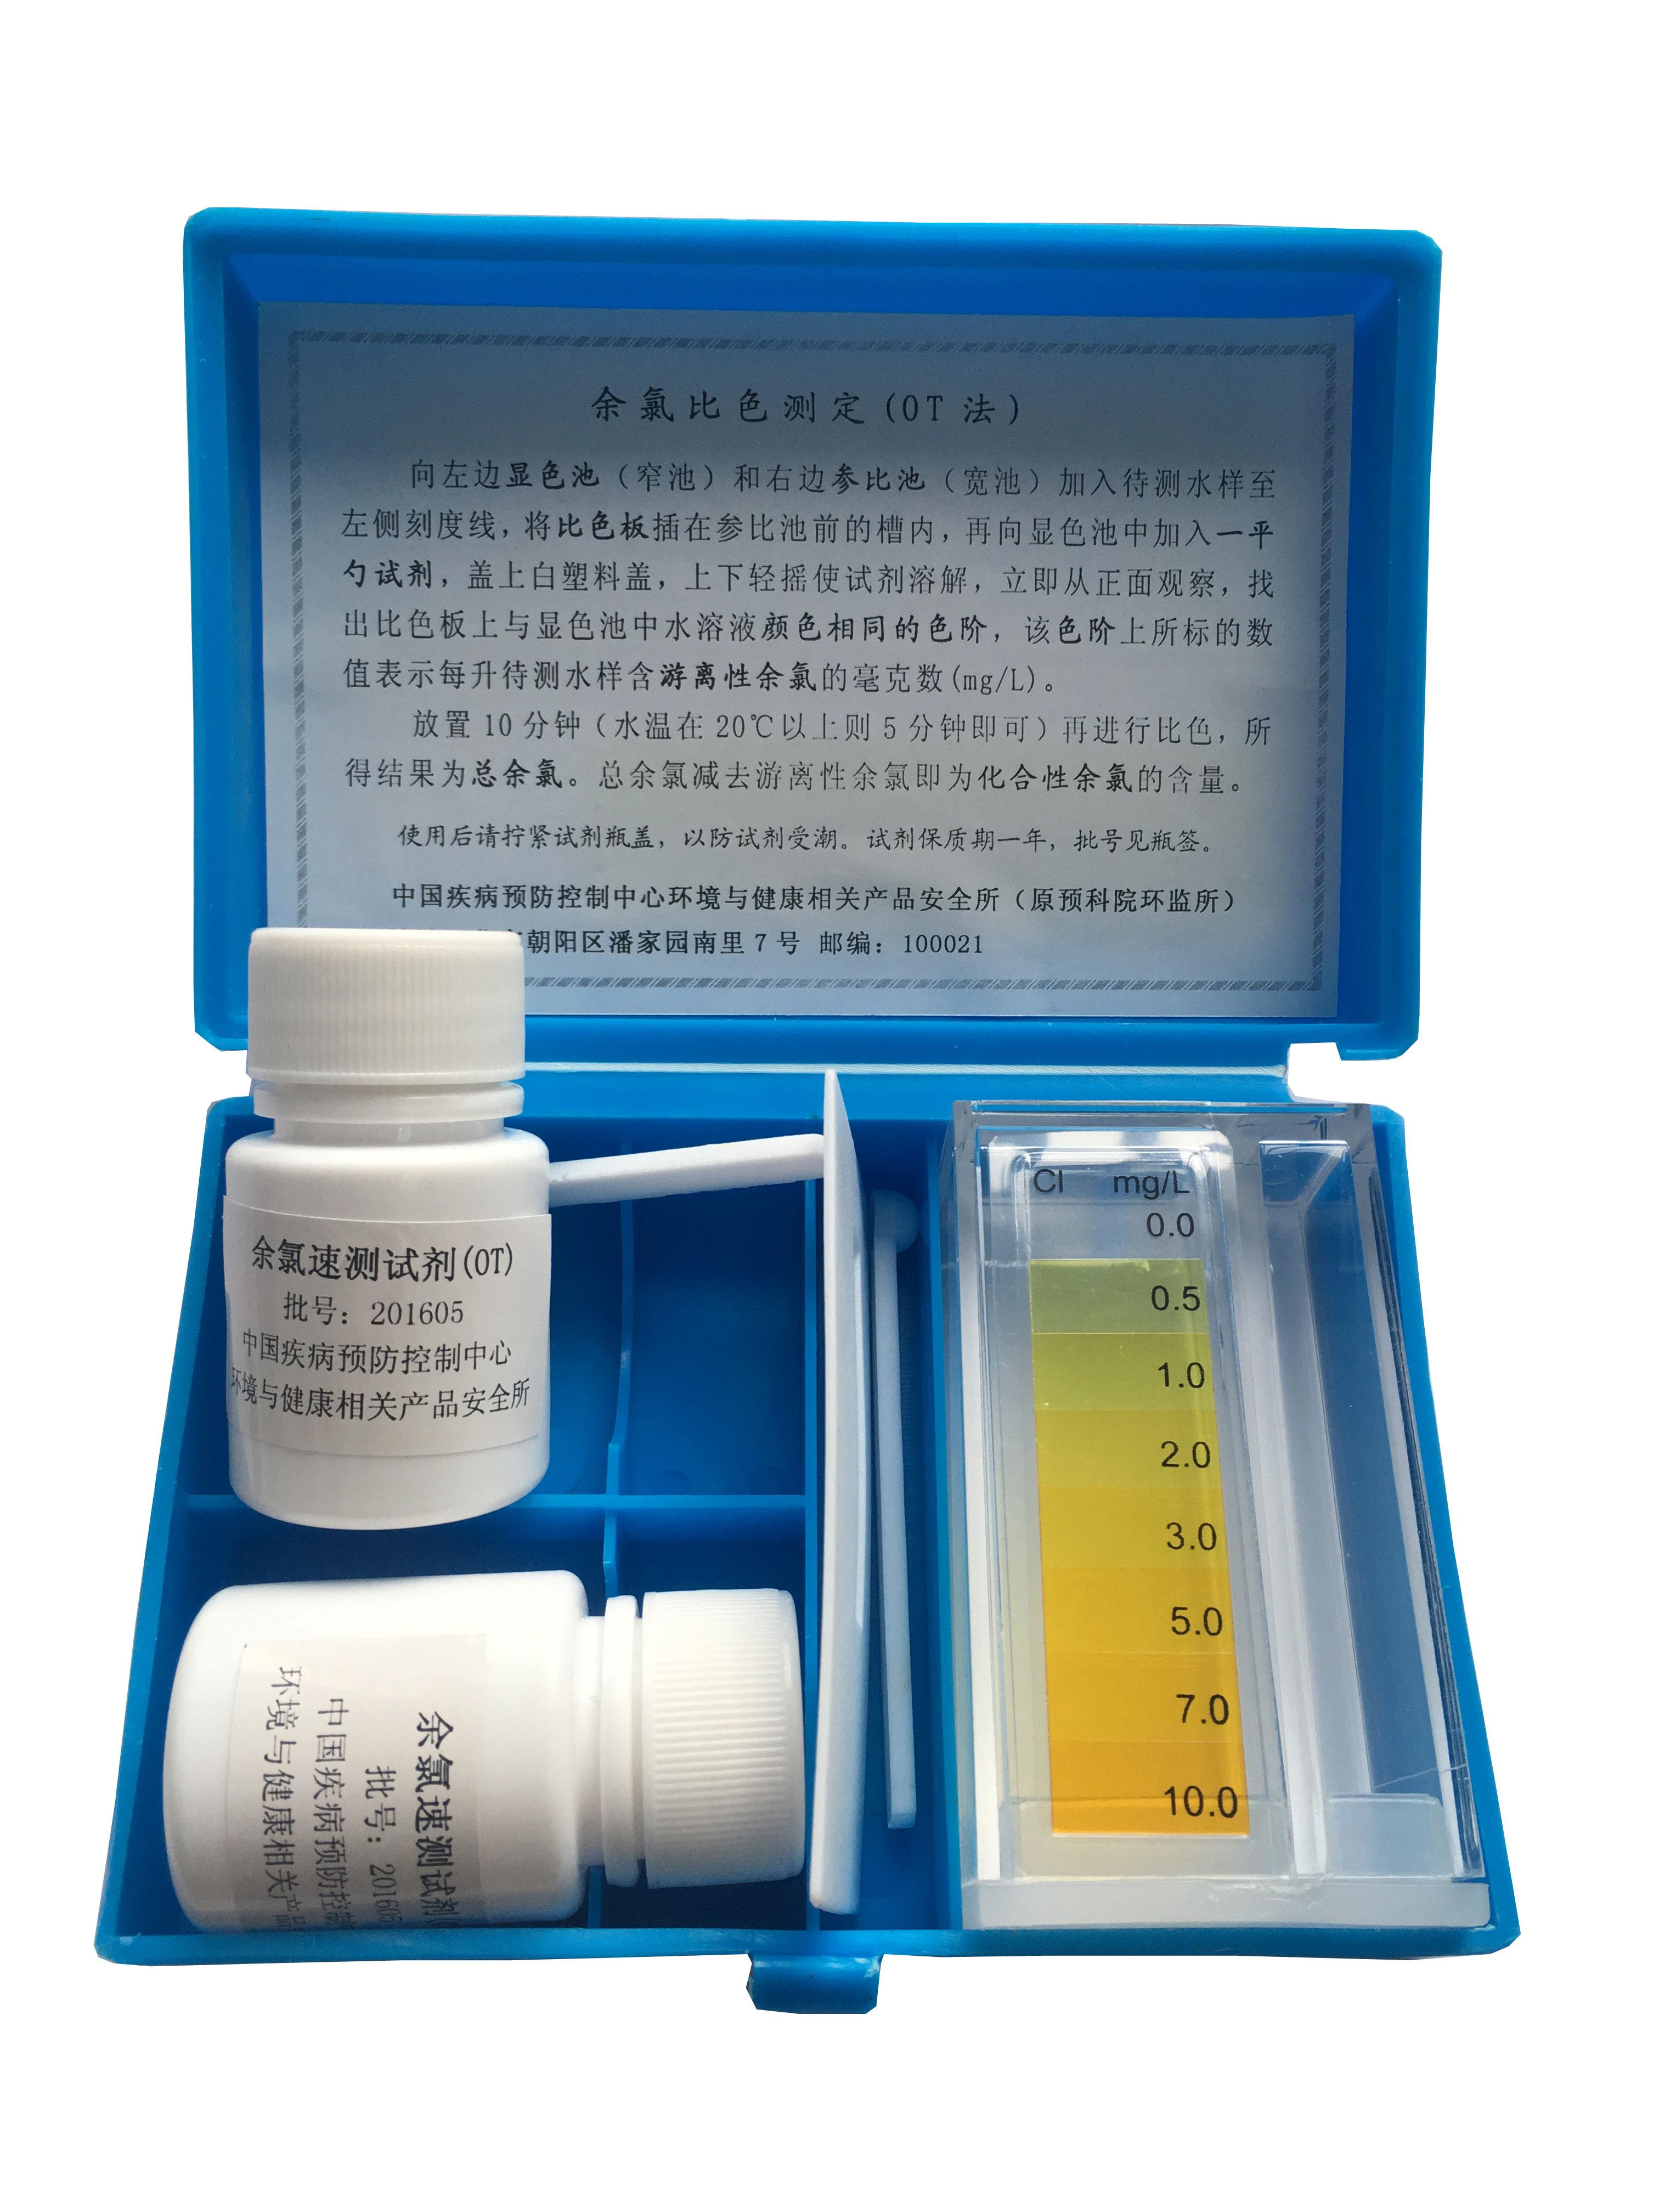 游泳池盒DPD疾控专用泳池两用浸脚池余氯速测盒 粉状水质测试中心